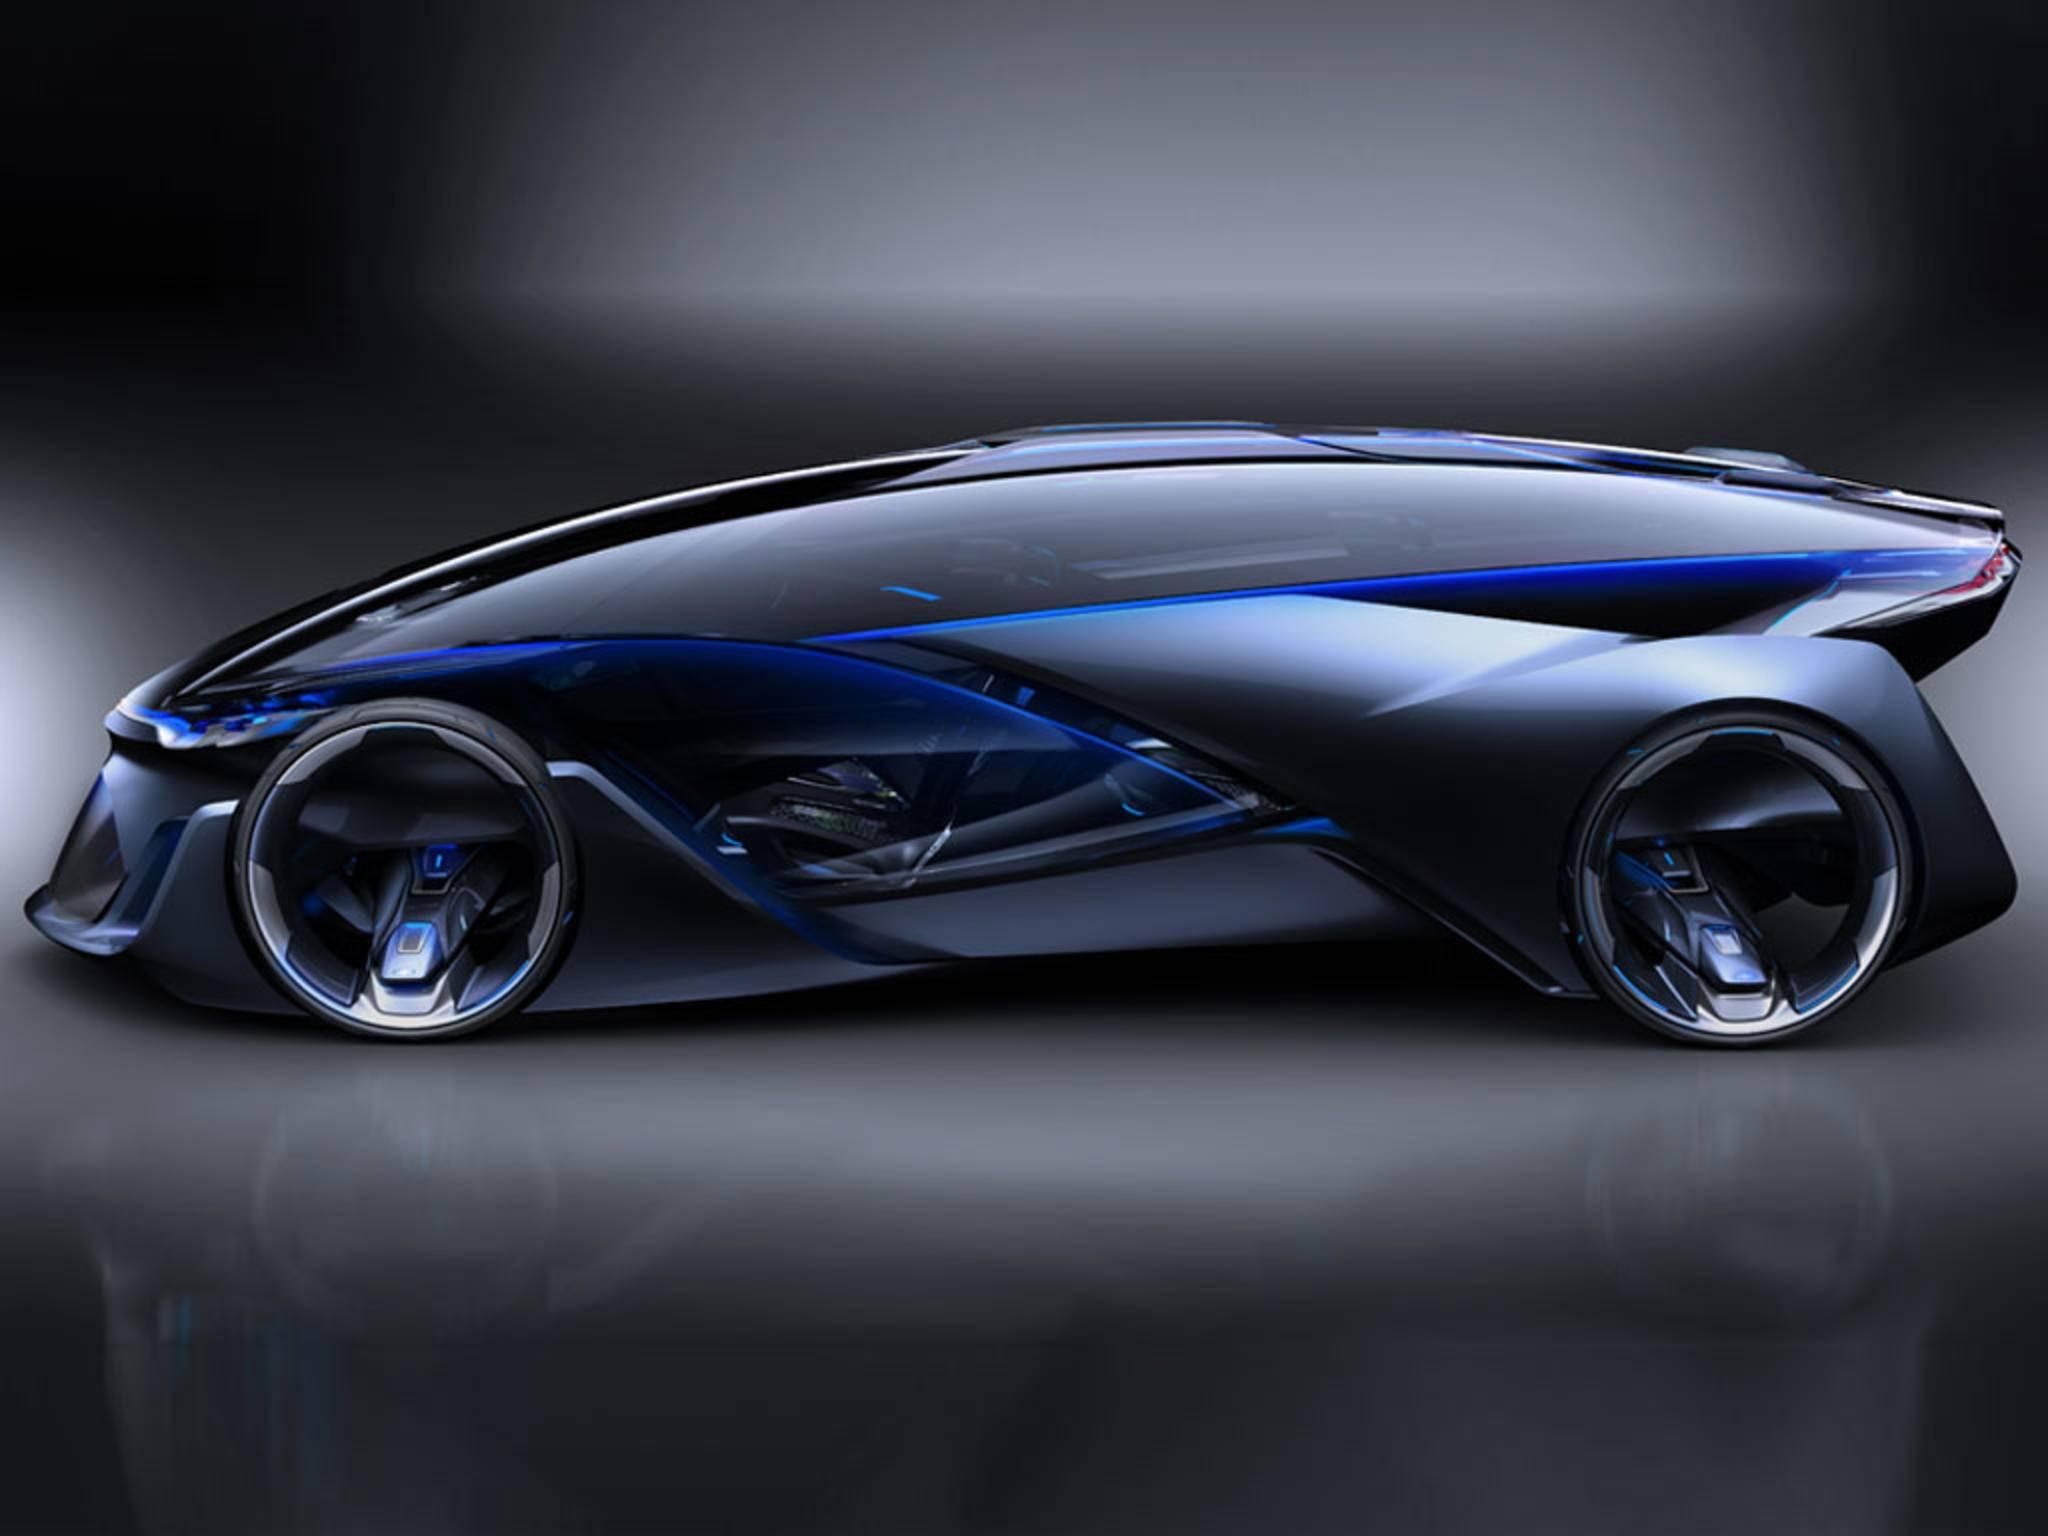 Der Chevrolet-FNR ist ein selbstfahrendes Elektroauto.